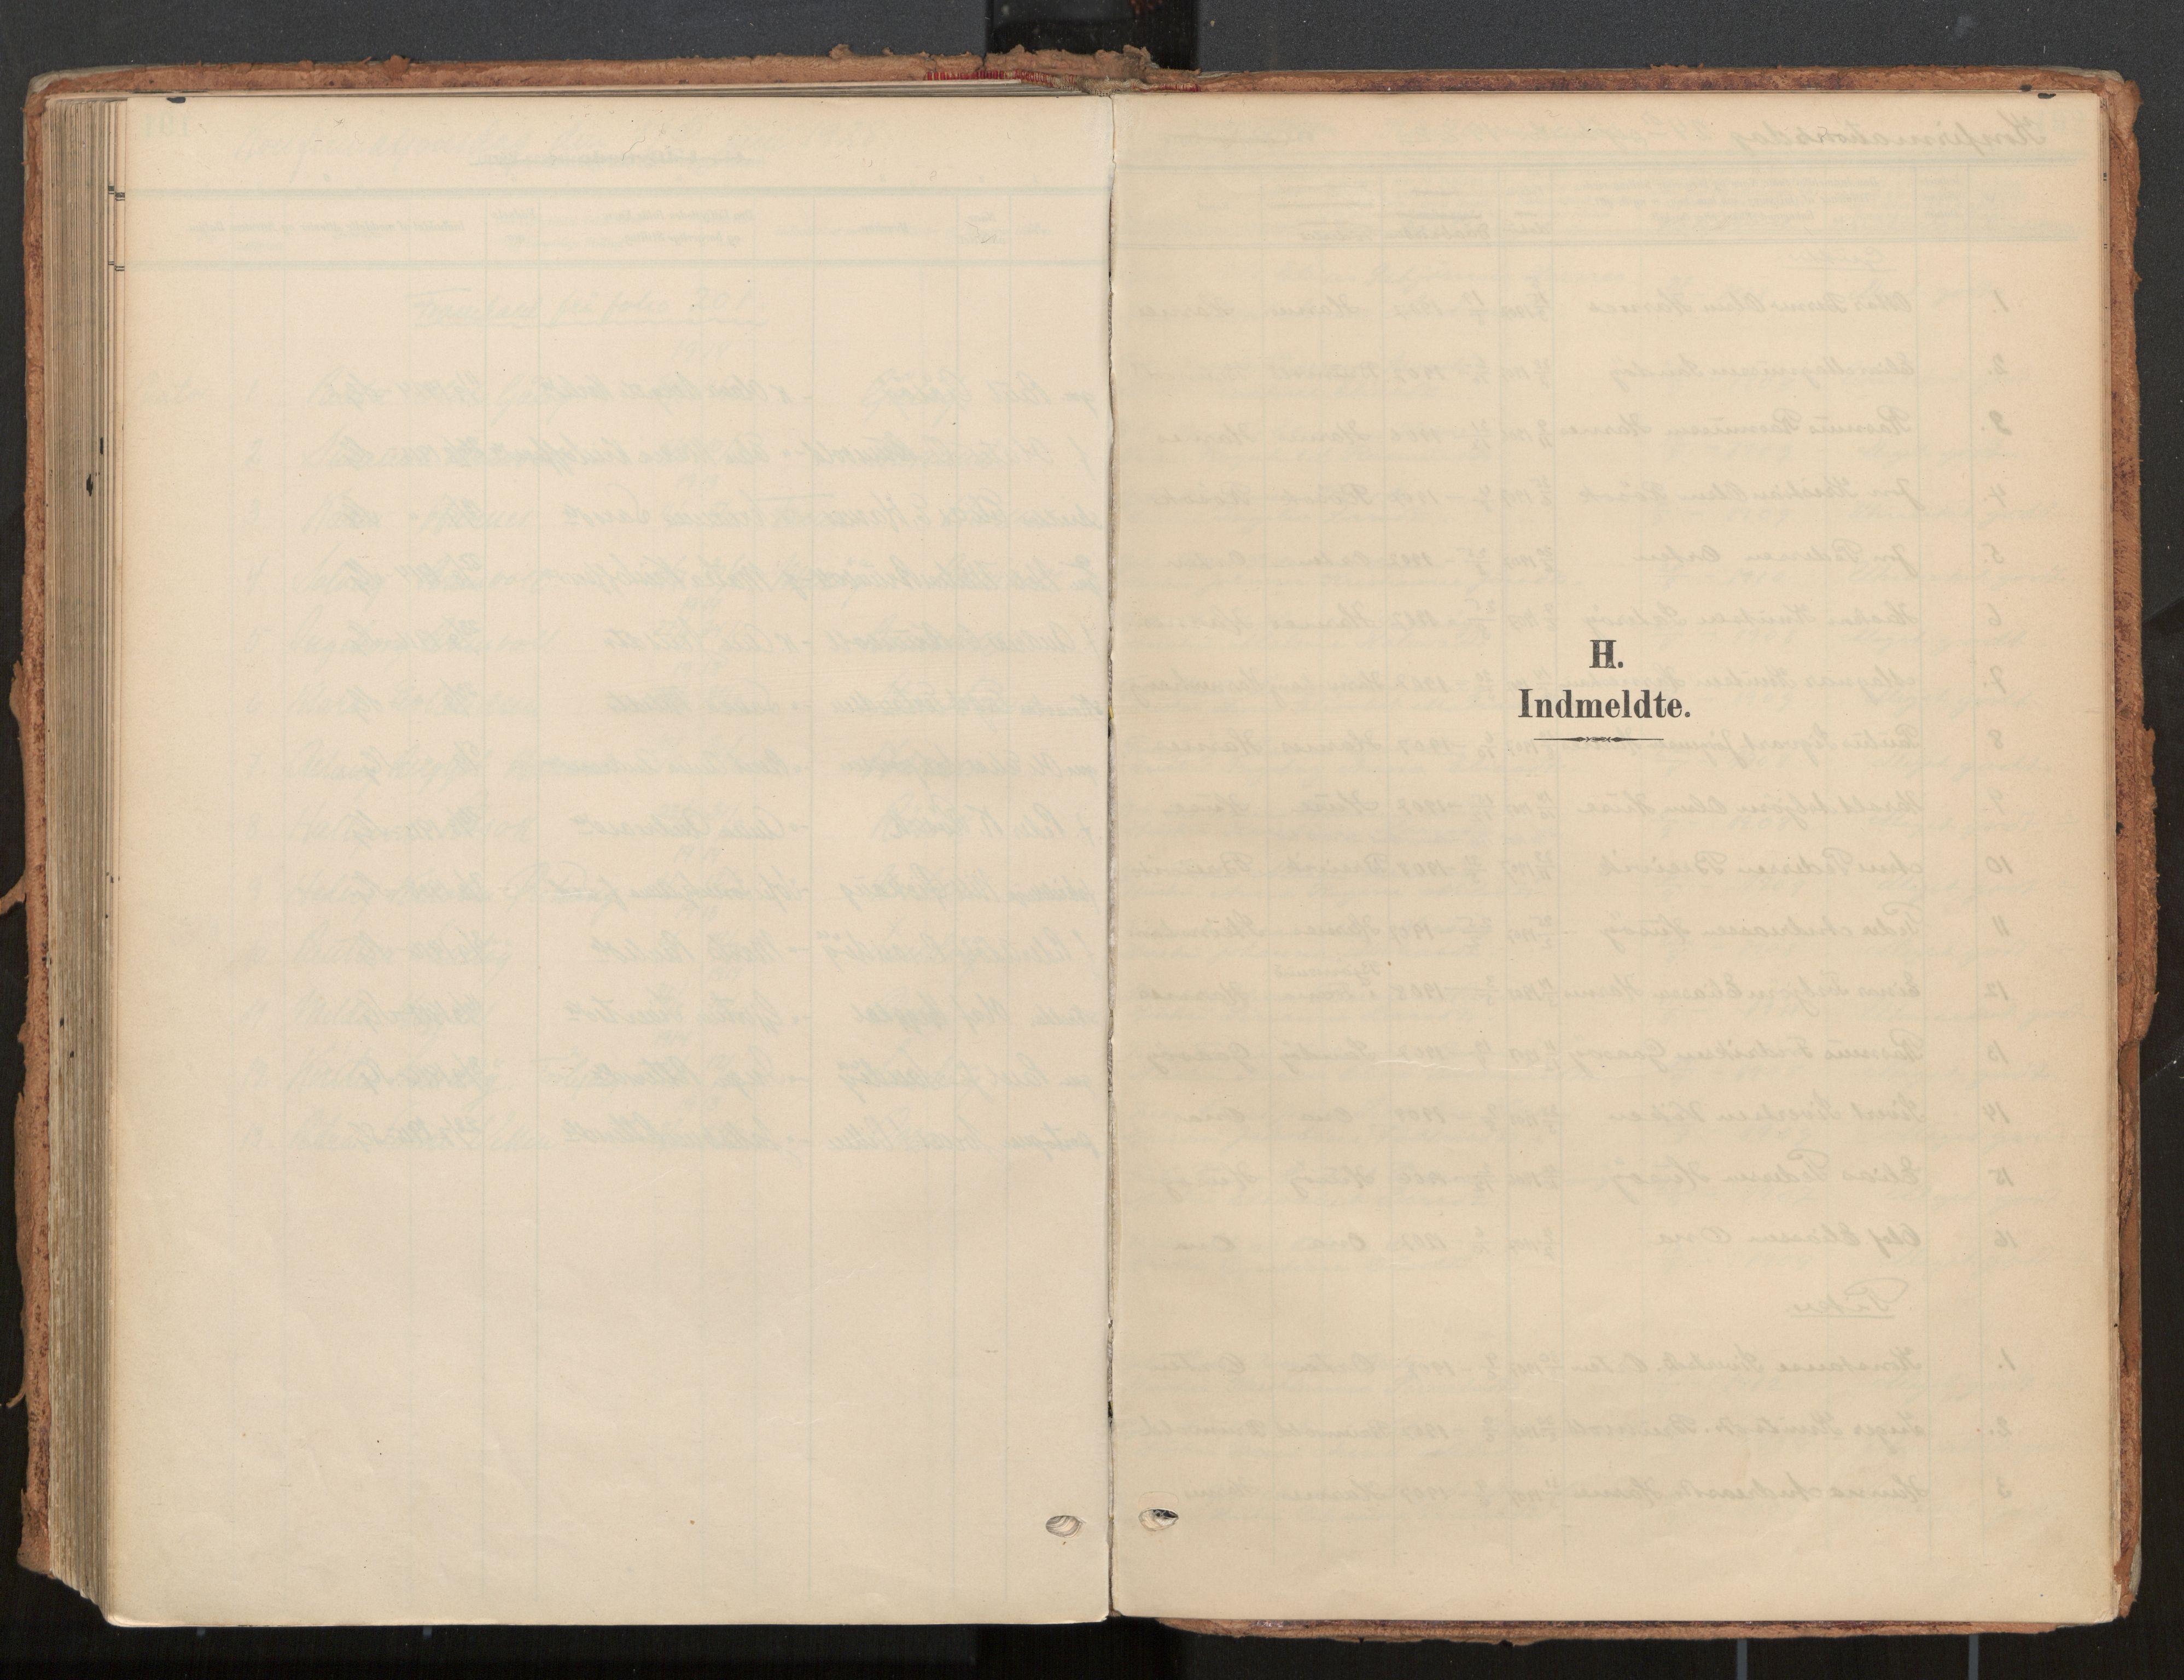 SAT, Ministerialprotokoller, klokkerbøker og fødselsregistre - Møre og Romsdal, 561/L0730: Parish register (official) no. 561A04, 1901-1929